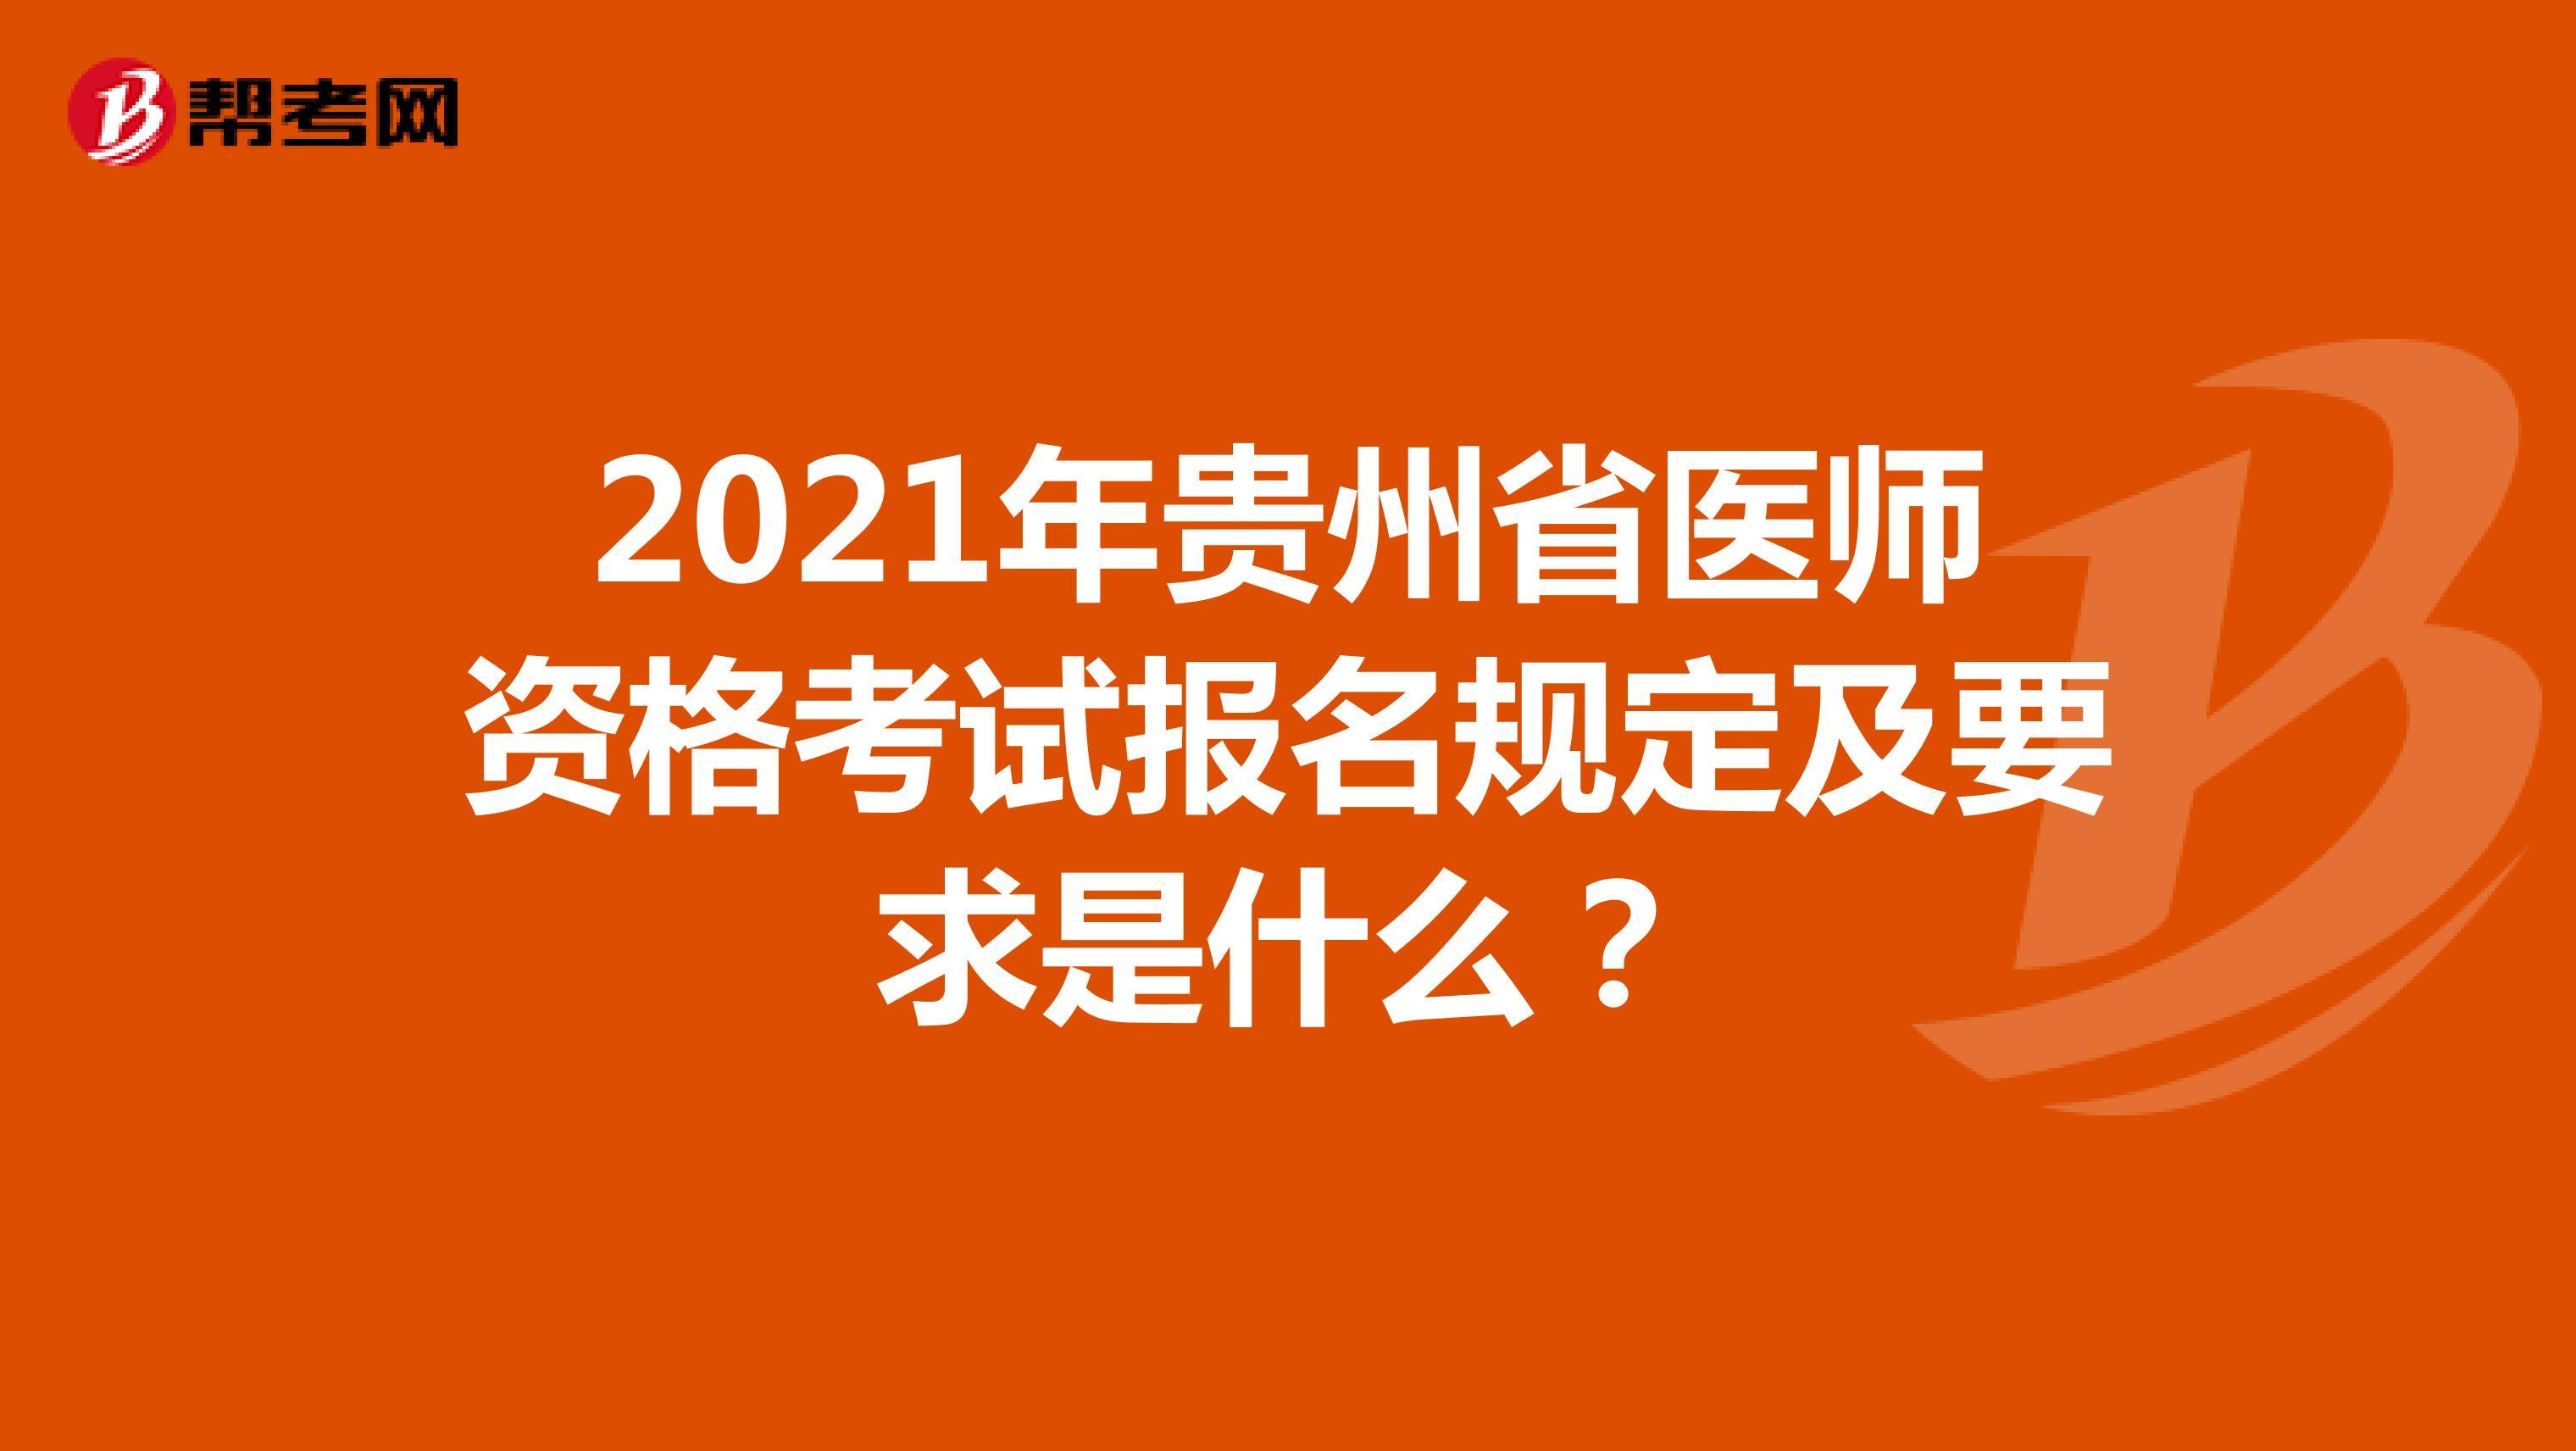 2021年贵州省医师资格考试报名规定及要求是什么?